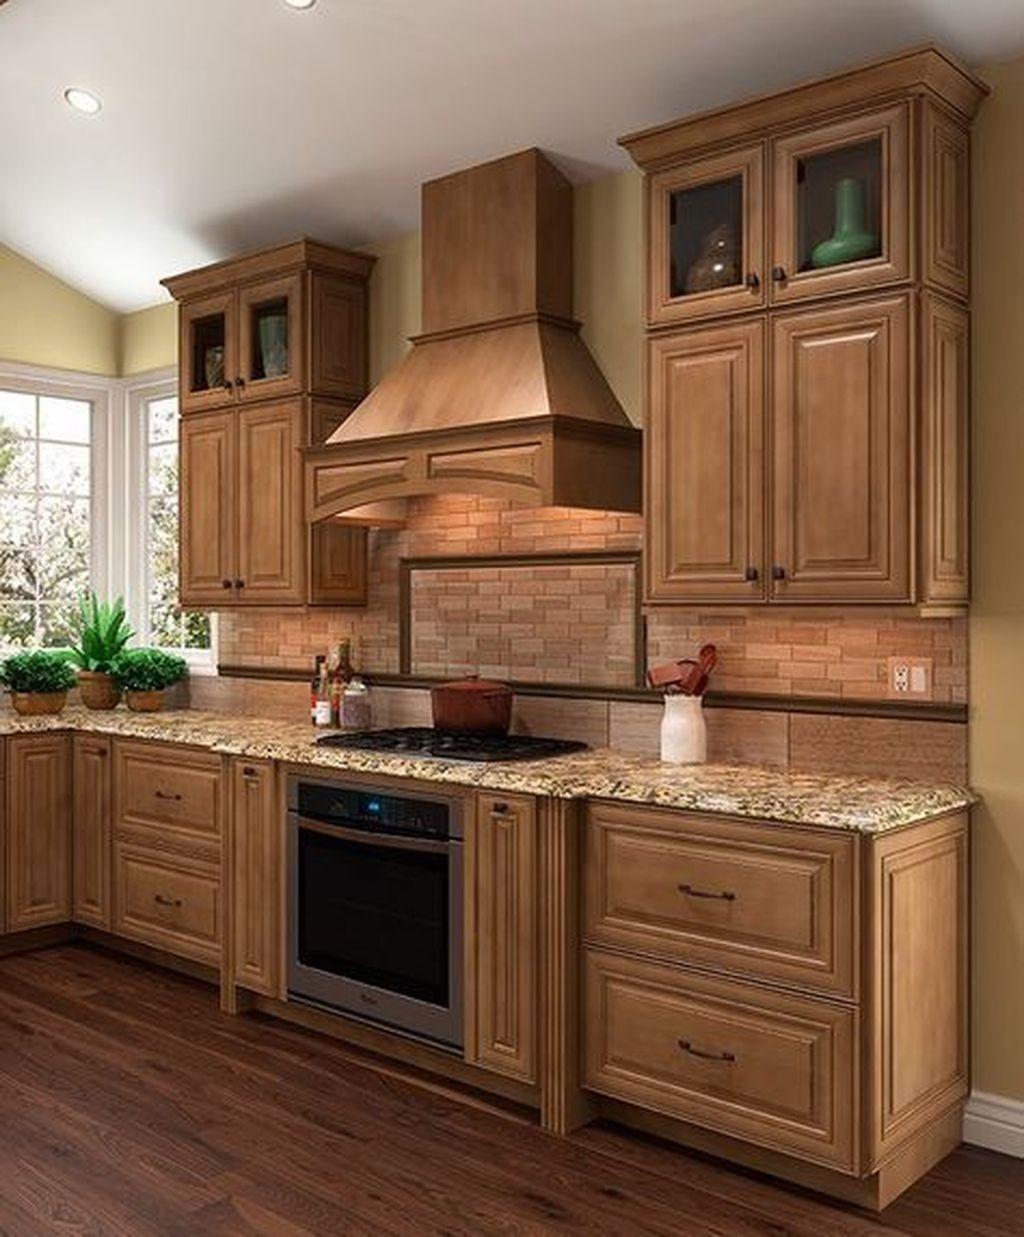 Best 46 Beautiful Luxury Kitchen Design Ideas To Get Elegant 400 x 300